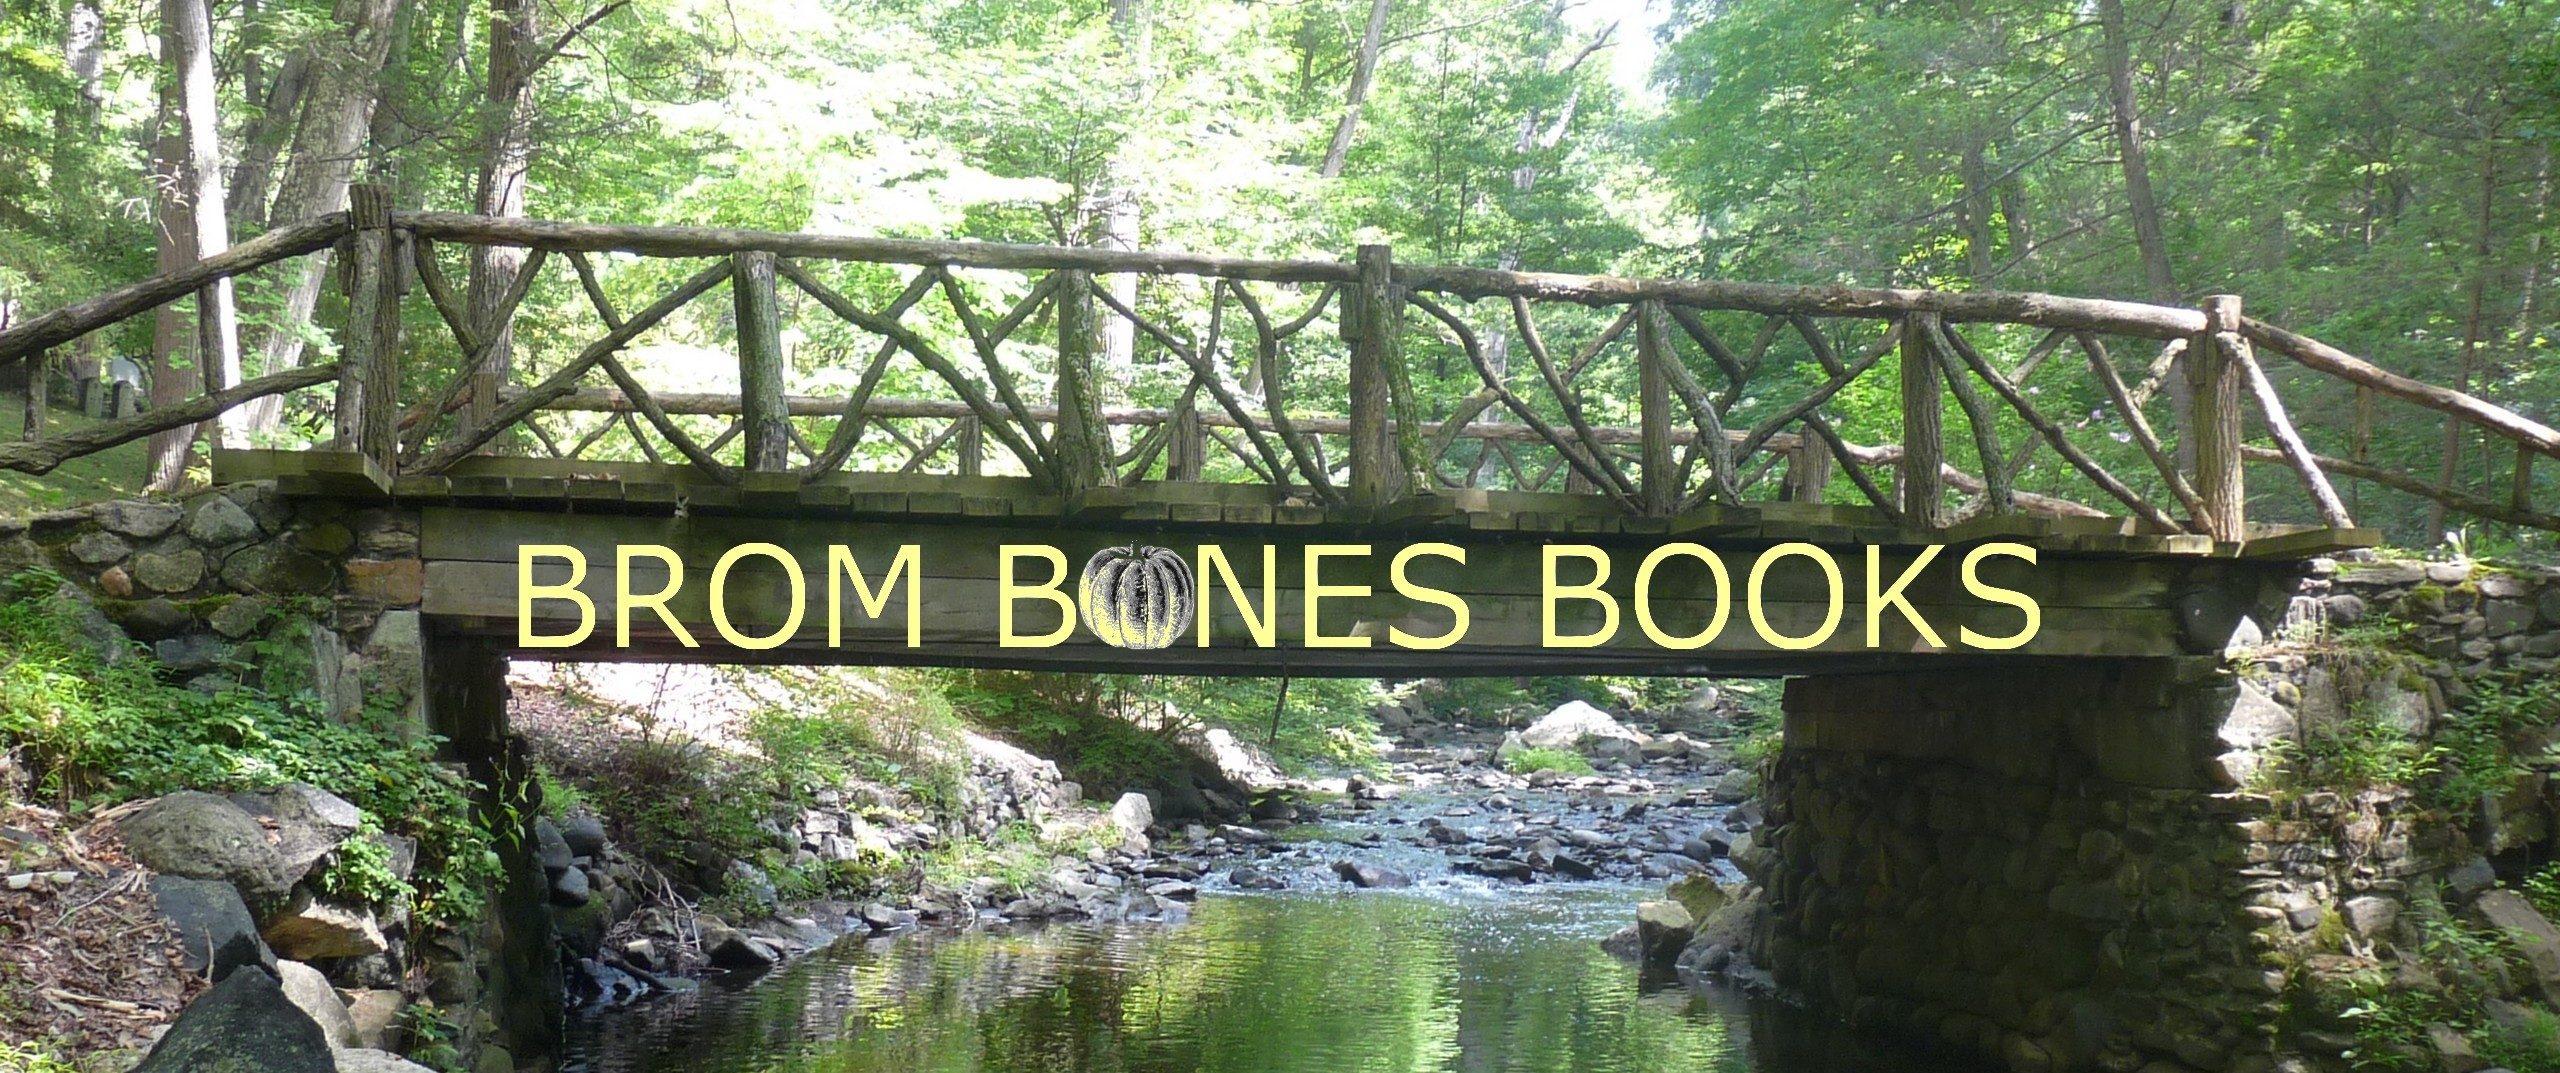 BROM BONES BOOKS